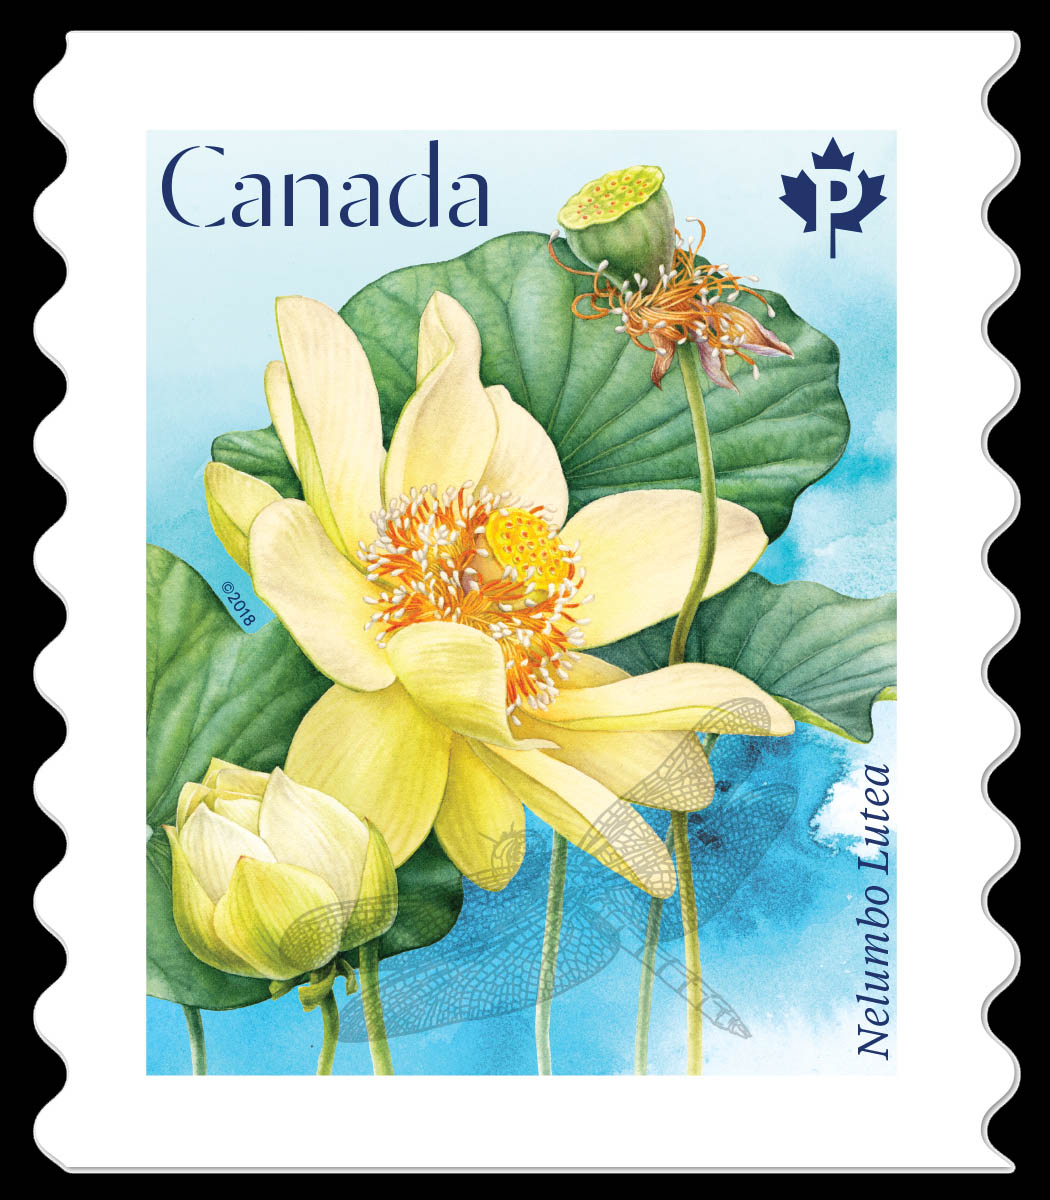 American lotus nelumbo lutea canada postage stamp lotus flowers american lotus nelumbo lutea canada postage stamp lotus flowers mightylinksfo